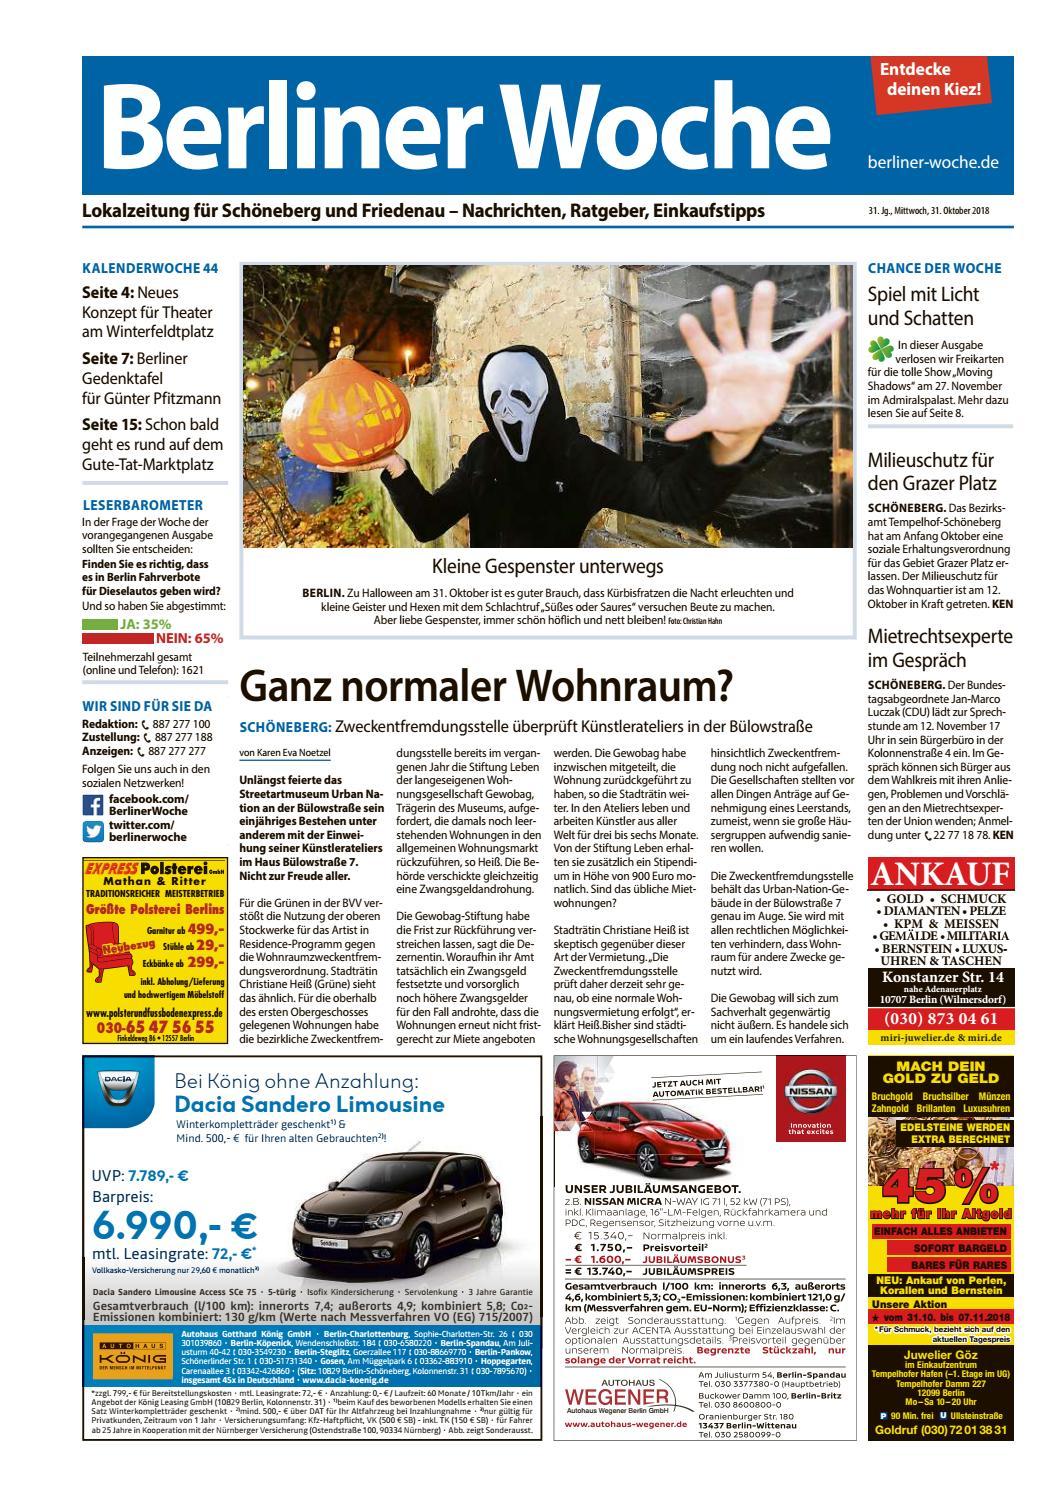 L24 By Schöneberg Friedenau Berliner Issuu Woche 7mgfbyI6vY